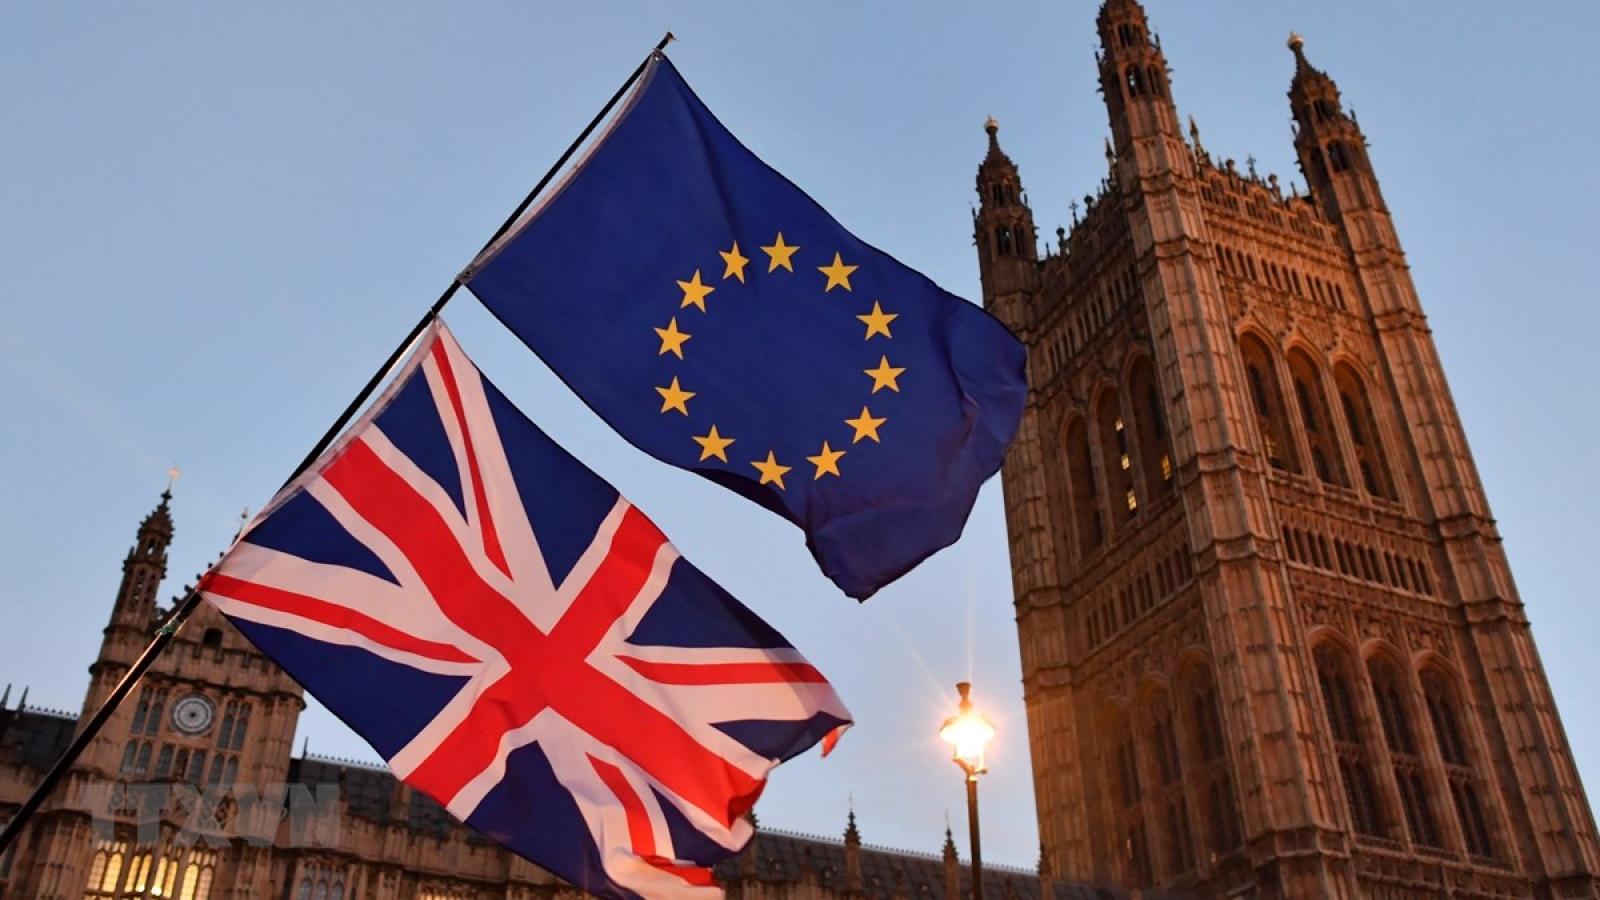 Anh thừa nhận mối quan hệ khó khăn với EU hậu Brexit